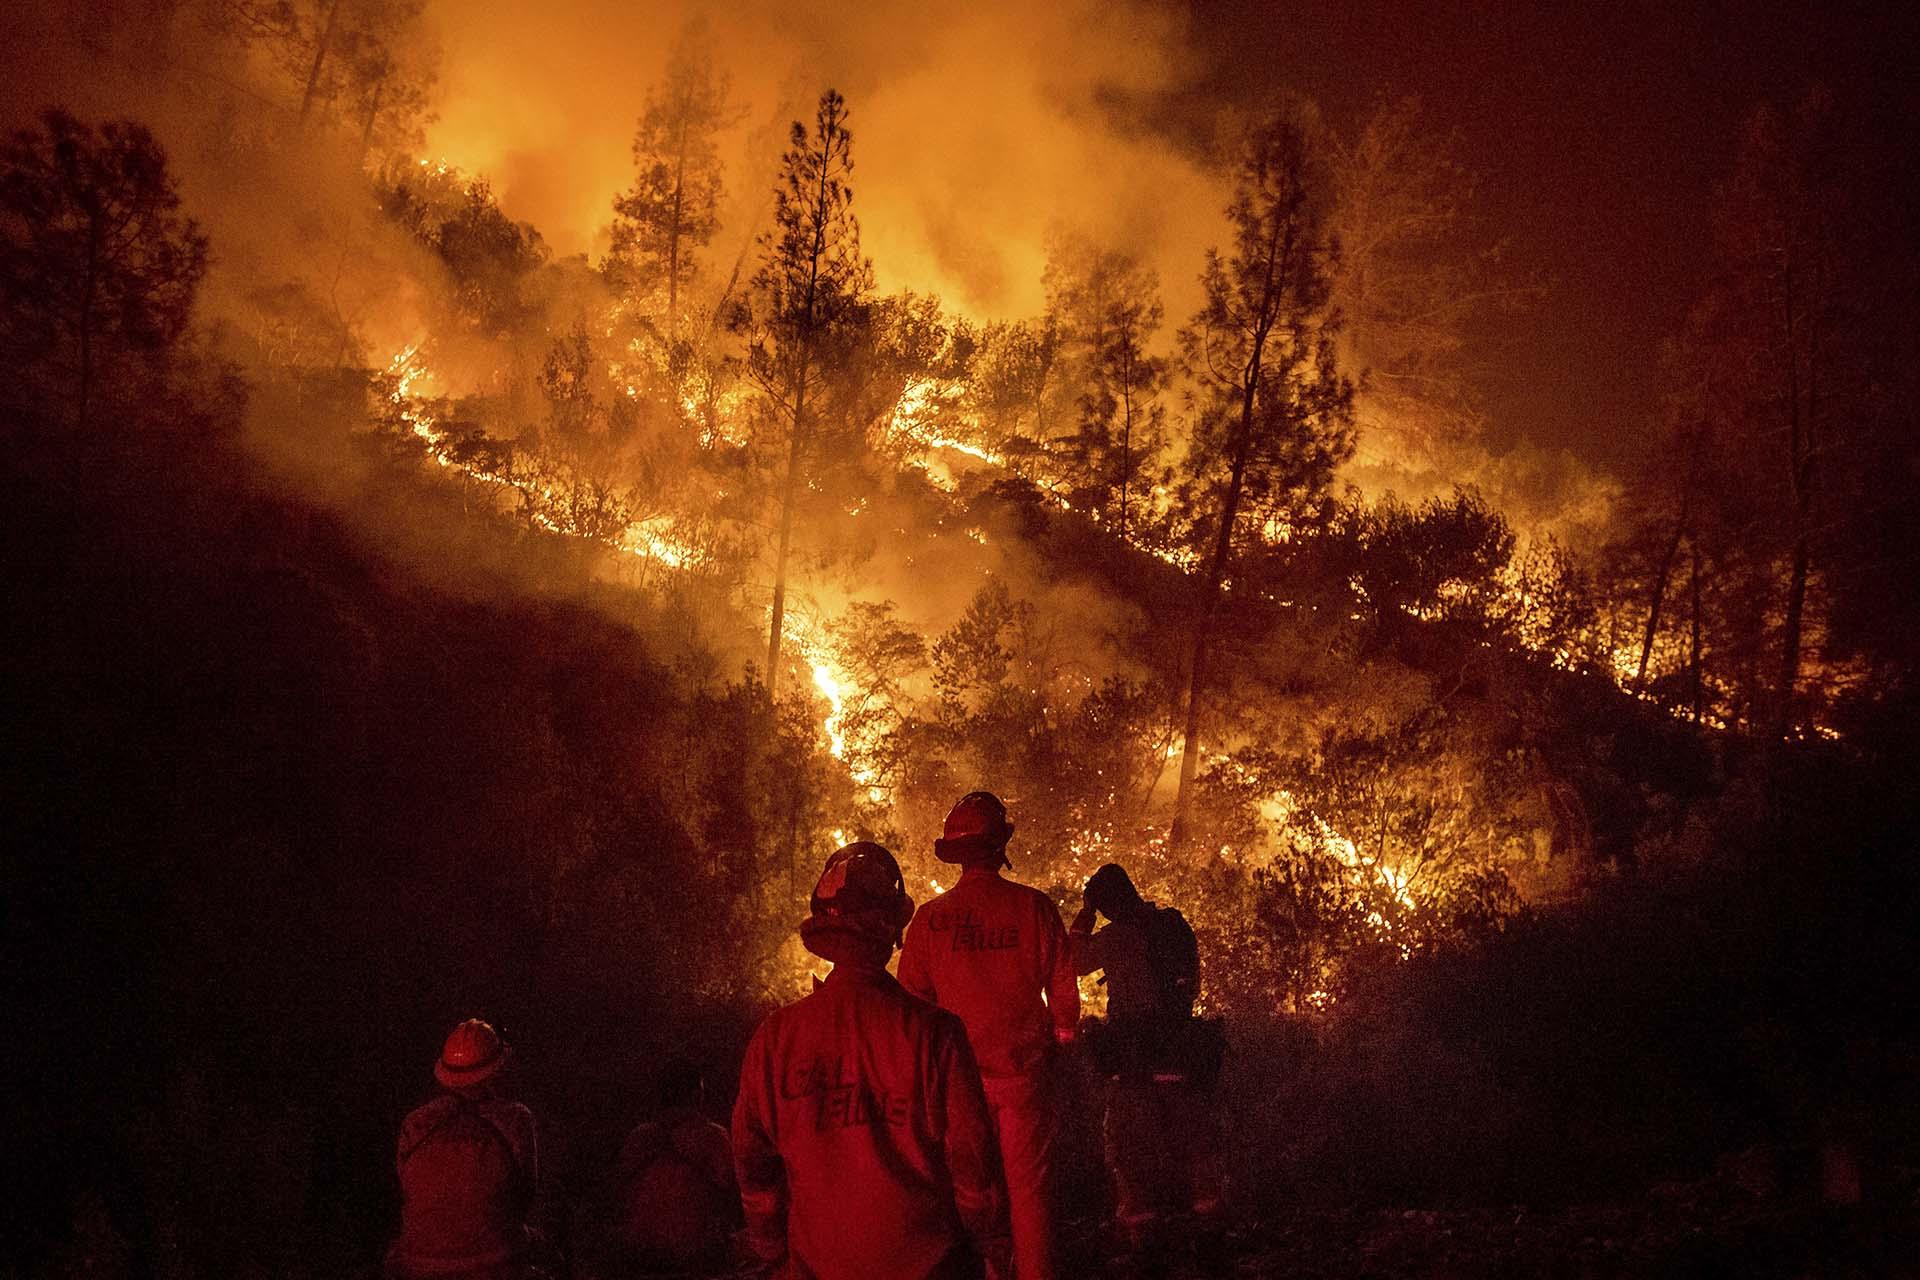 """El incendio """"Mendocino Complex"""", que toma su nombre del condado californiano de Mendocino, está compuesto por dos focos (""""Ranch"""" y """"River"""") que arden desde el pasado 27 de julio en torno al lago Clear Lake, situado a unos 200 kilómetros al norte de San Francisco (EEUU)"""